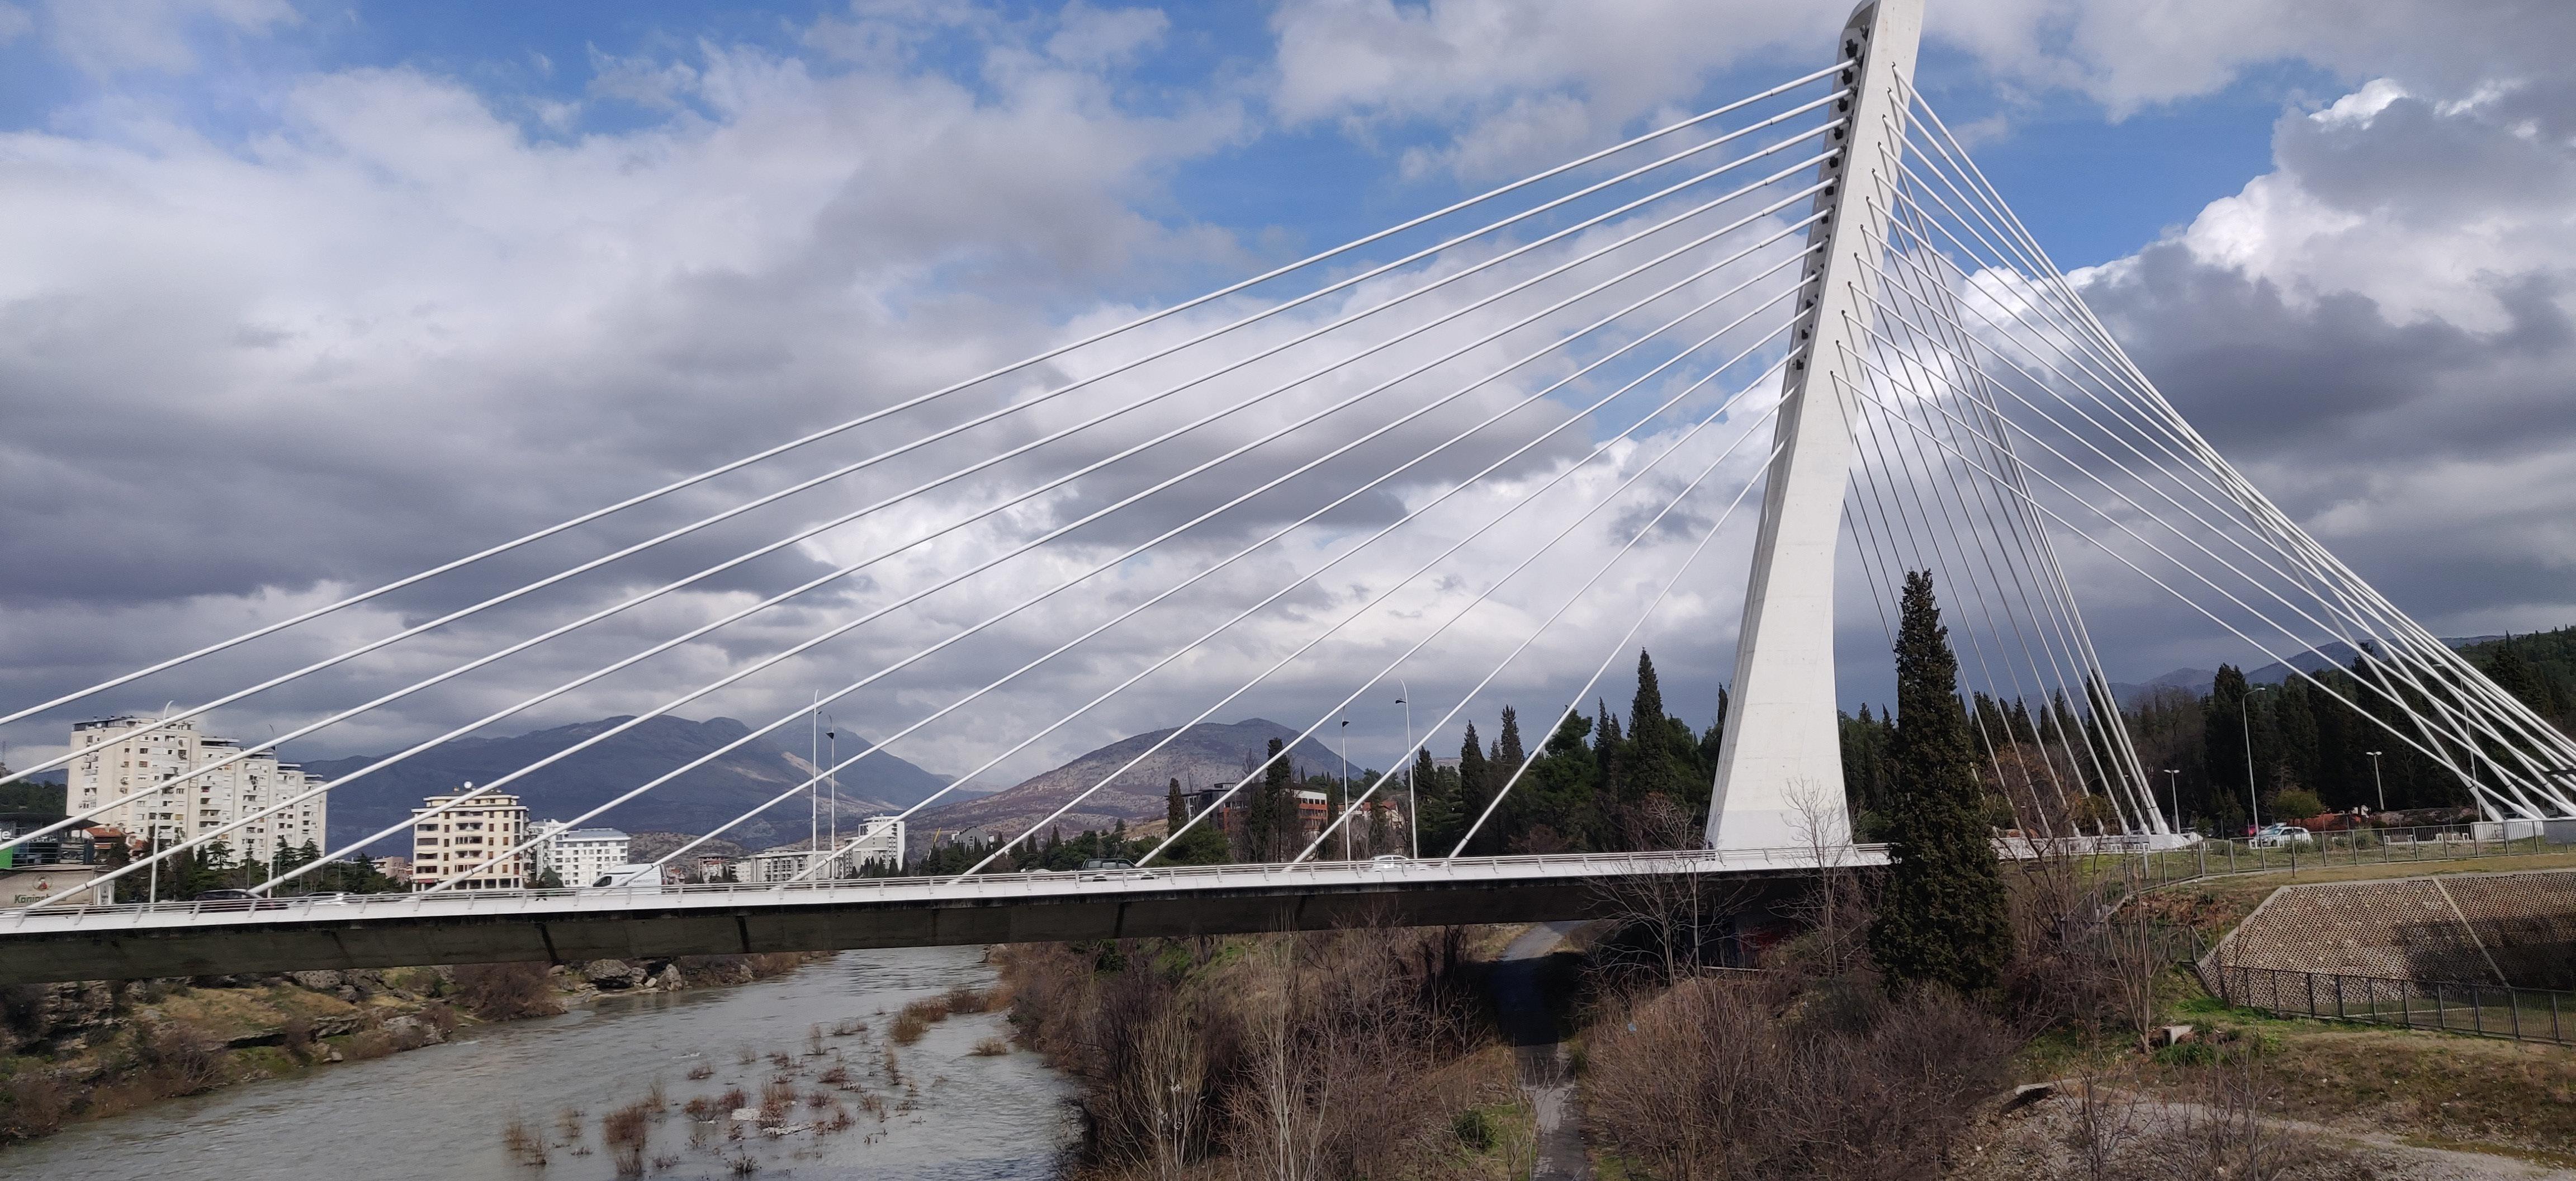 Podgorica - stolica, która nie zachwyca